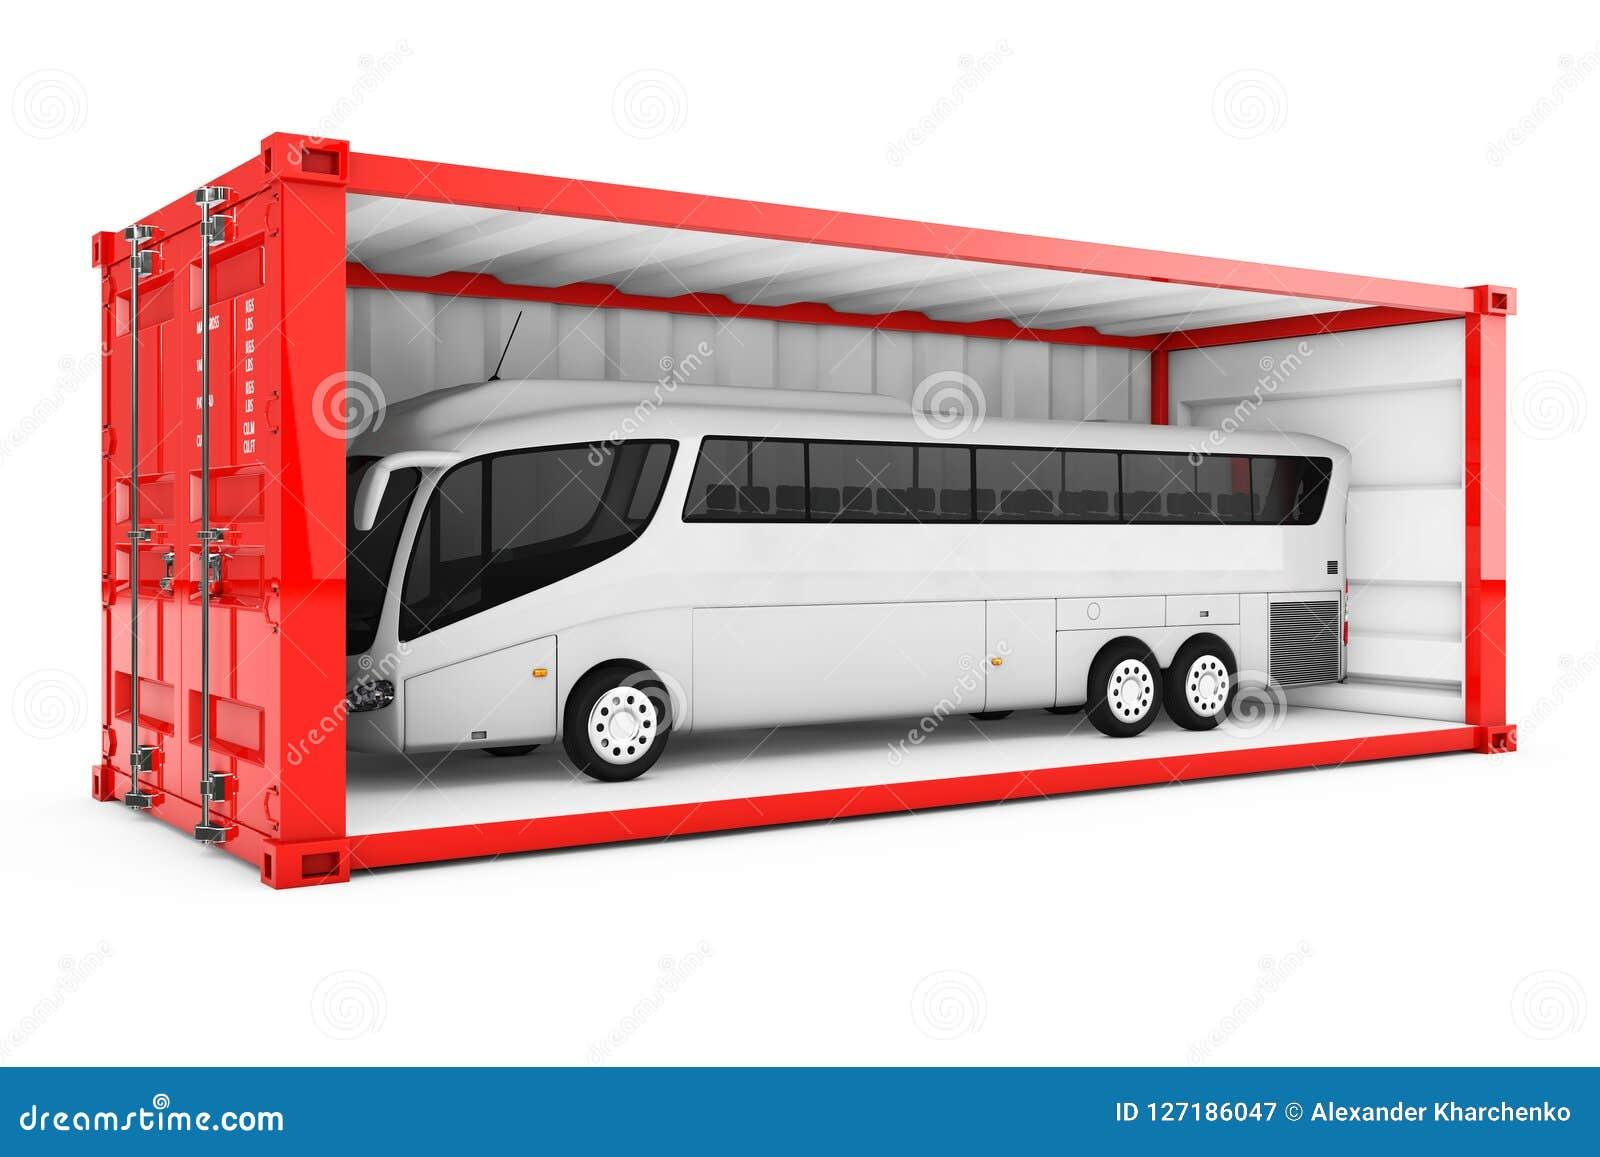 Großer weißer Trainer Tour Bus in der roten Versandverpackung mit entfernt